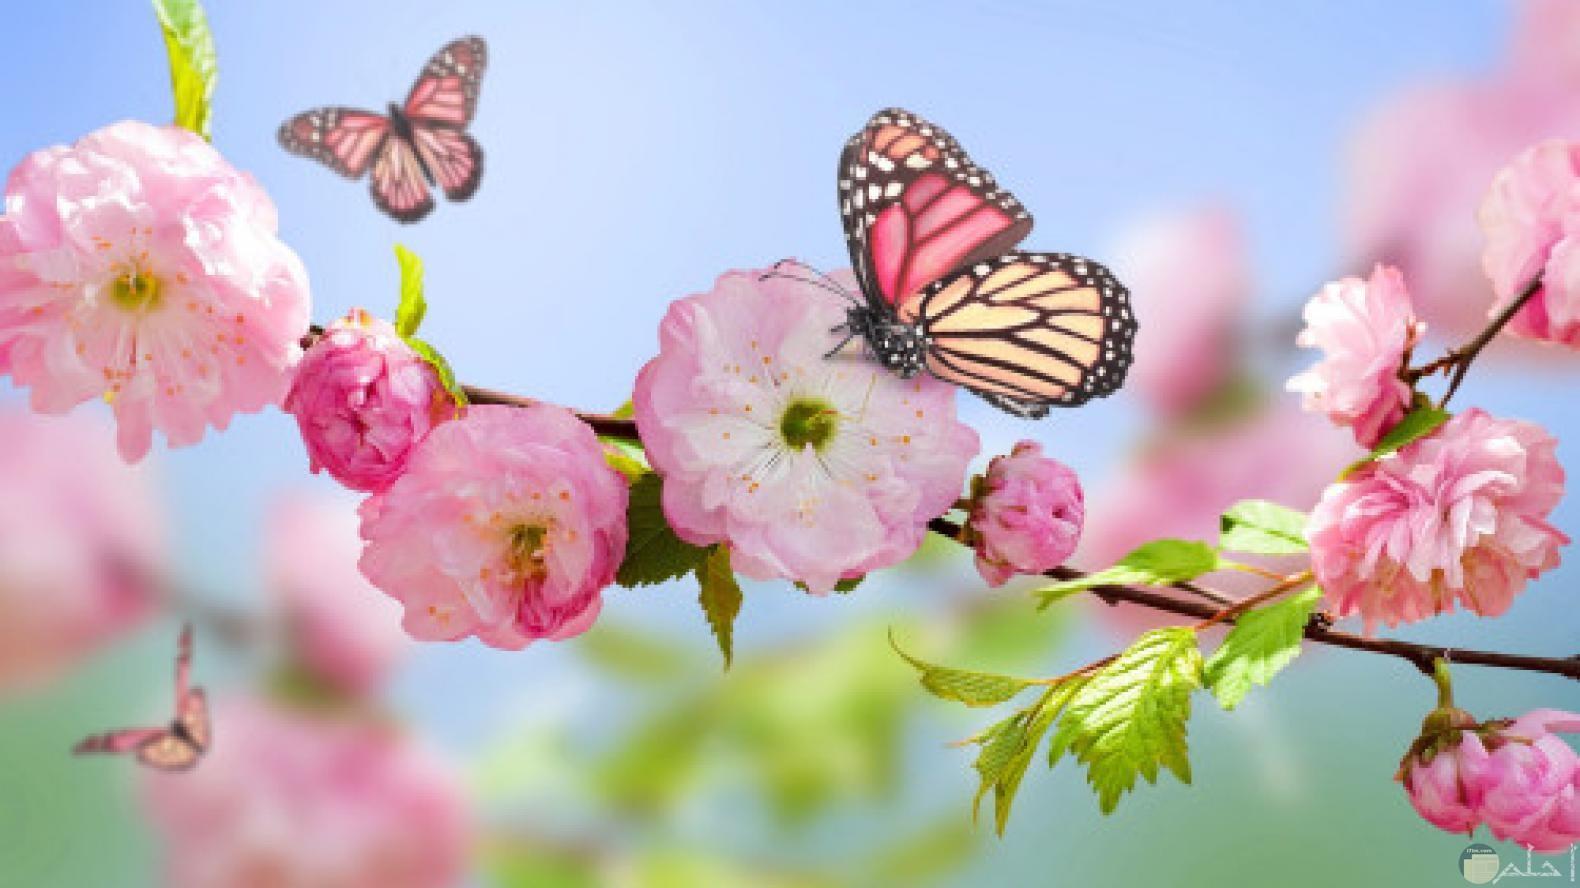 صور الربيع - اجمل الصور و الخلفيات عن فصل الربيع 2021